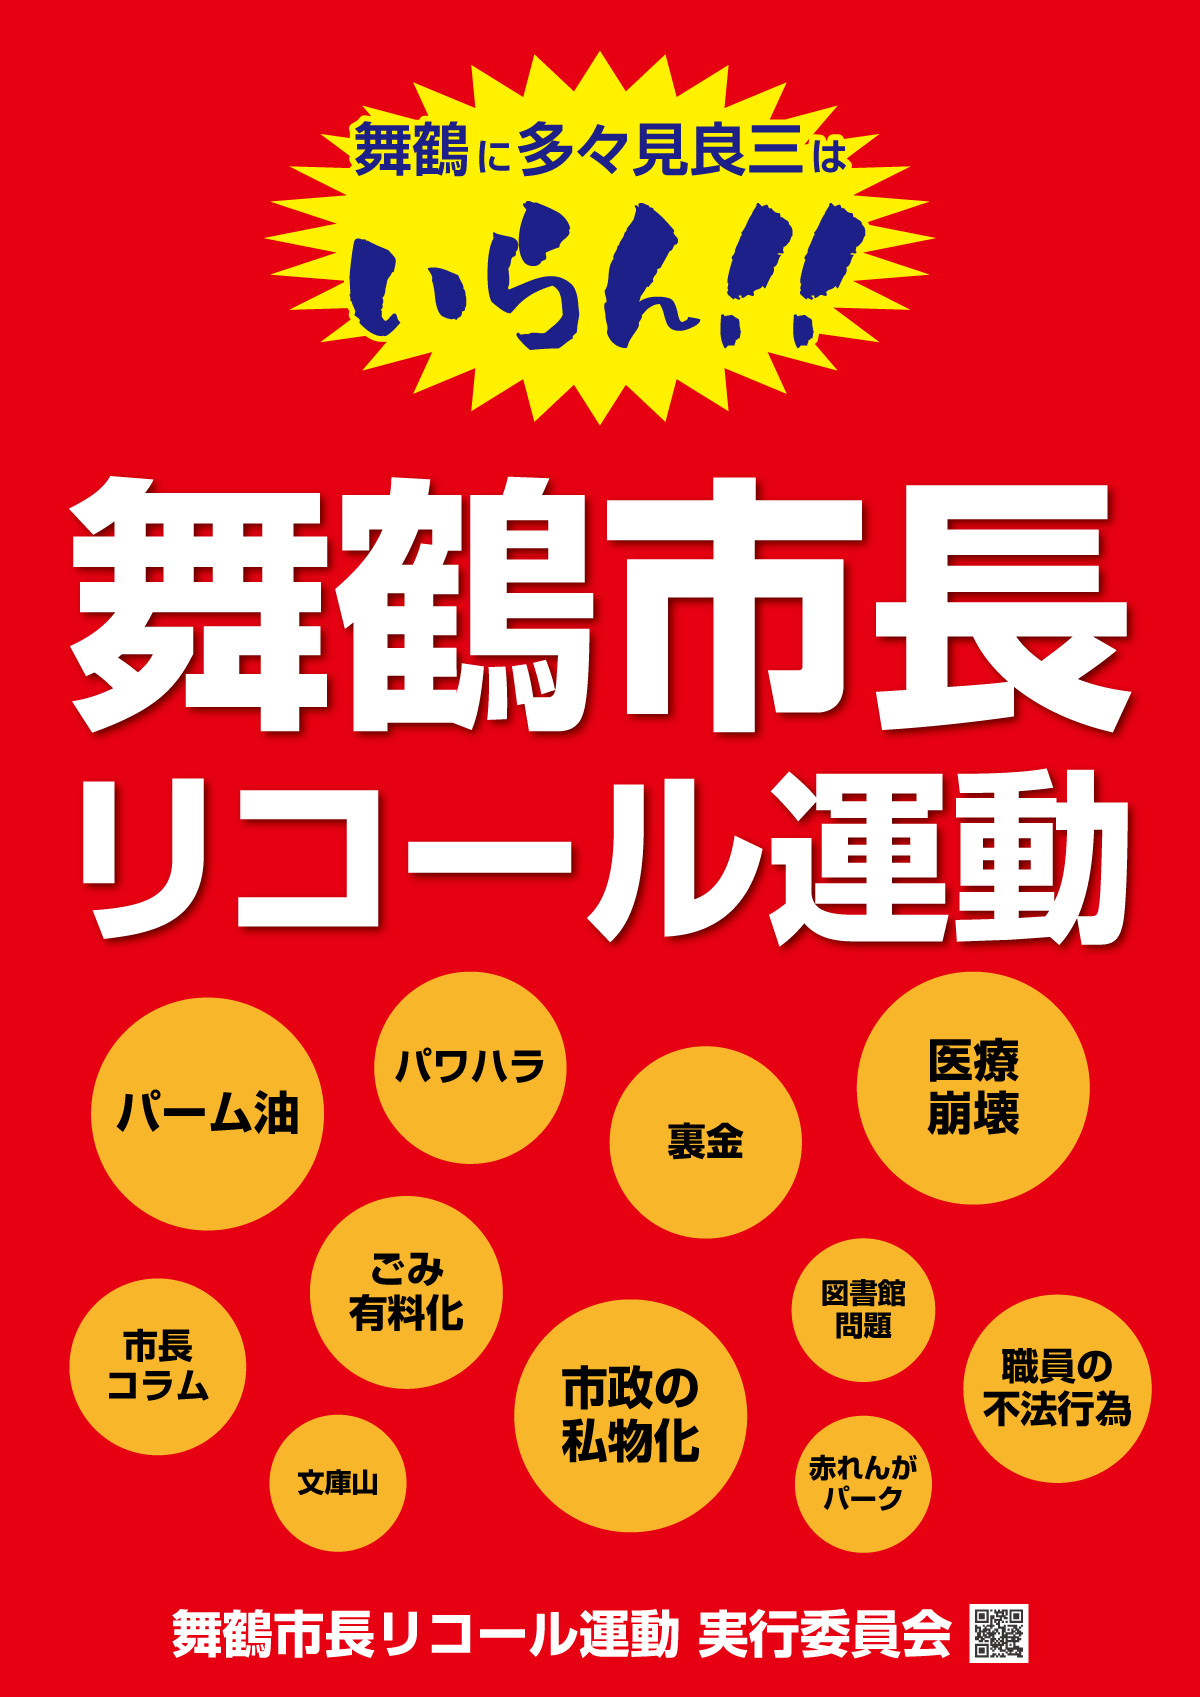 舞鶴 市長リコールのポスター(第一弾)が完成しました